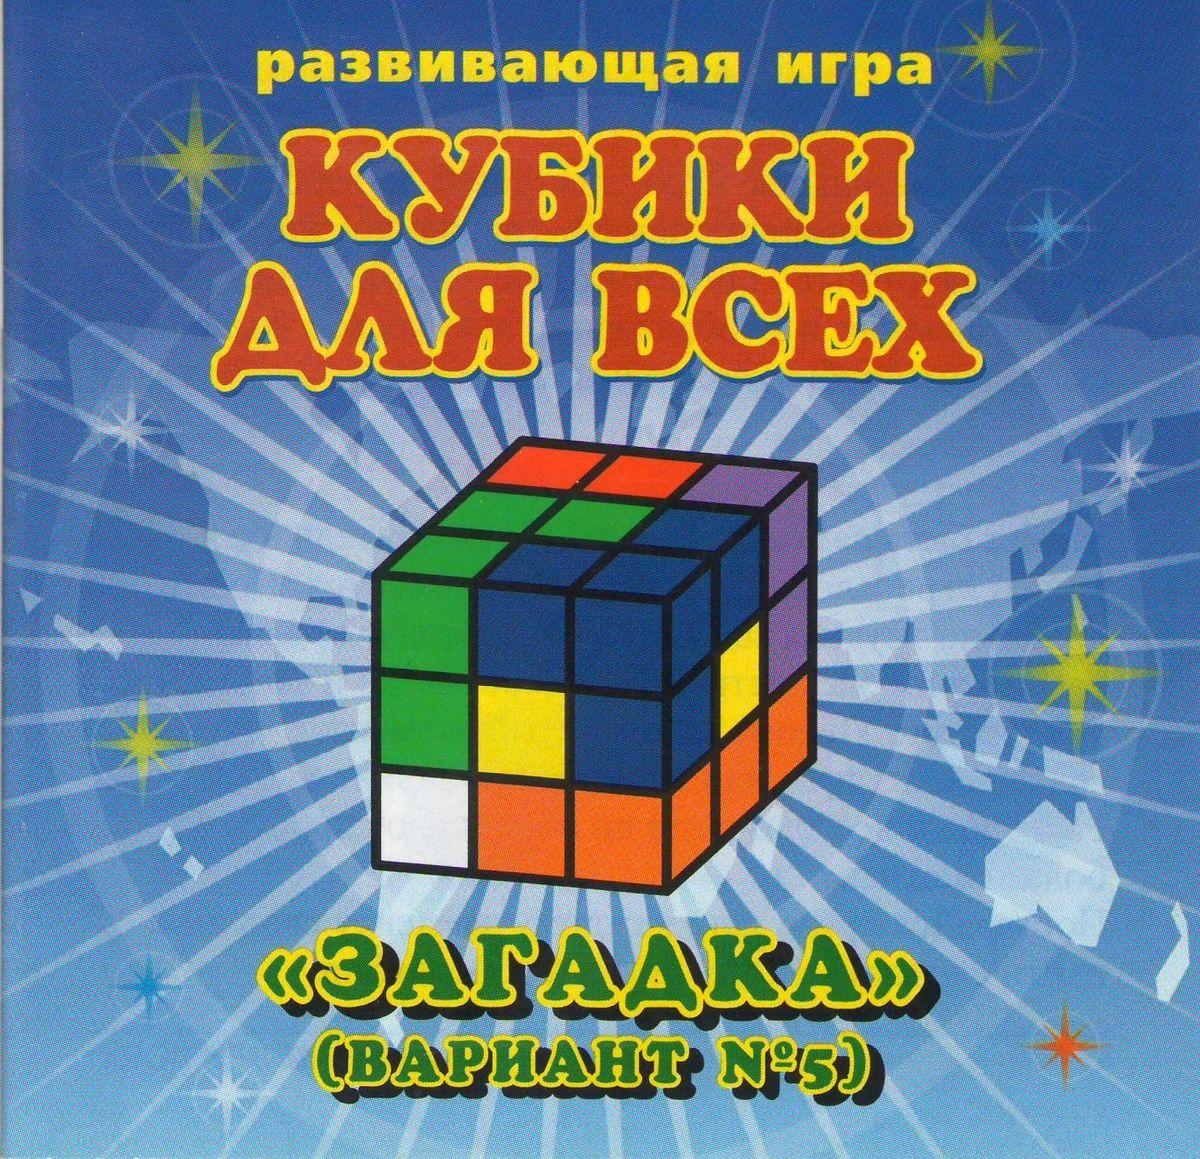 Корвет Обучающая игра Кубики Загадка корвет обучающая игра кубики загадка